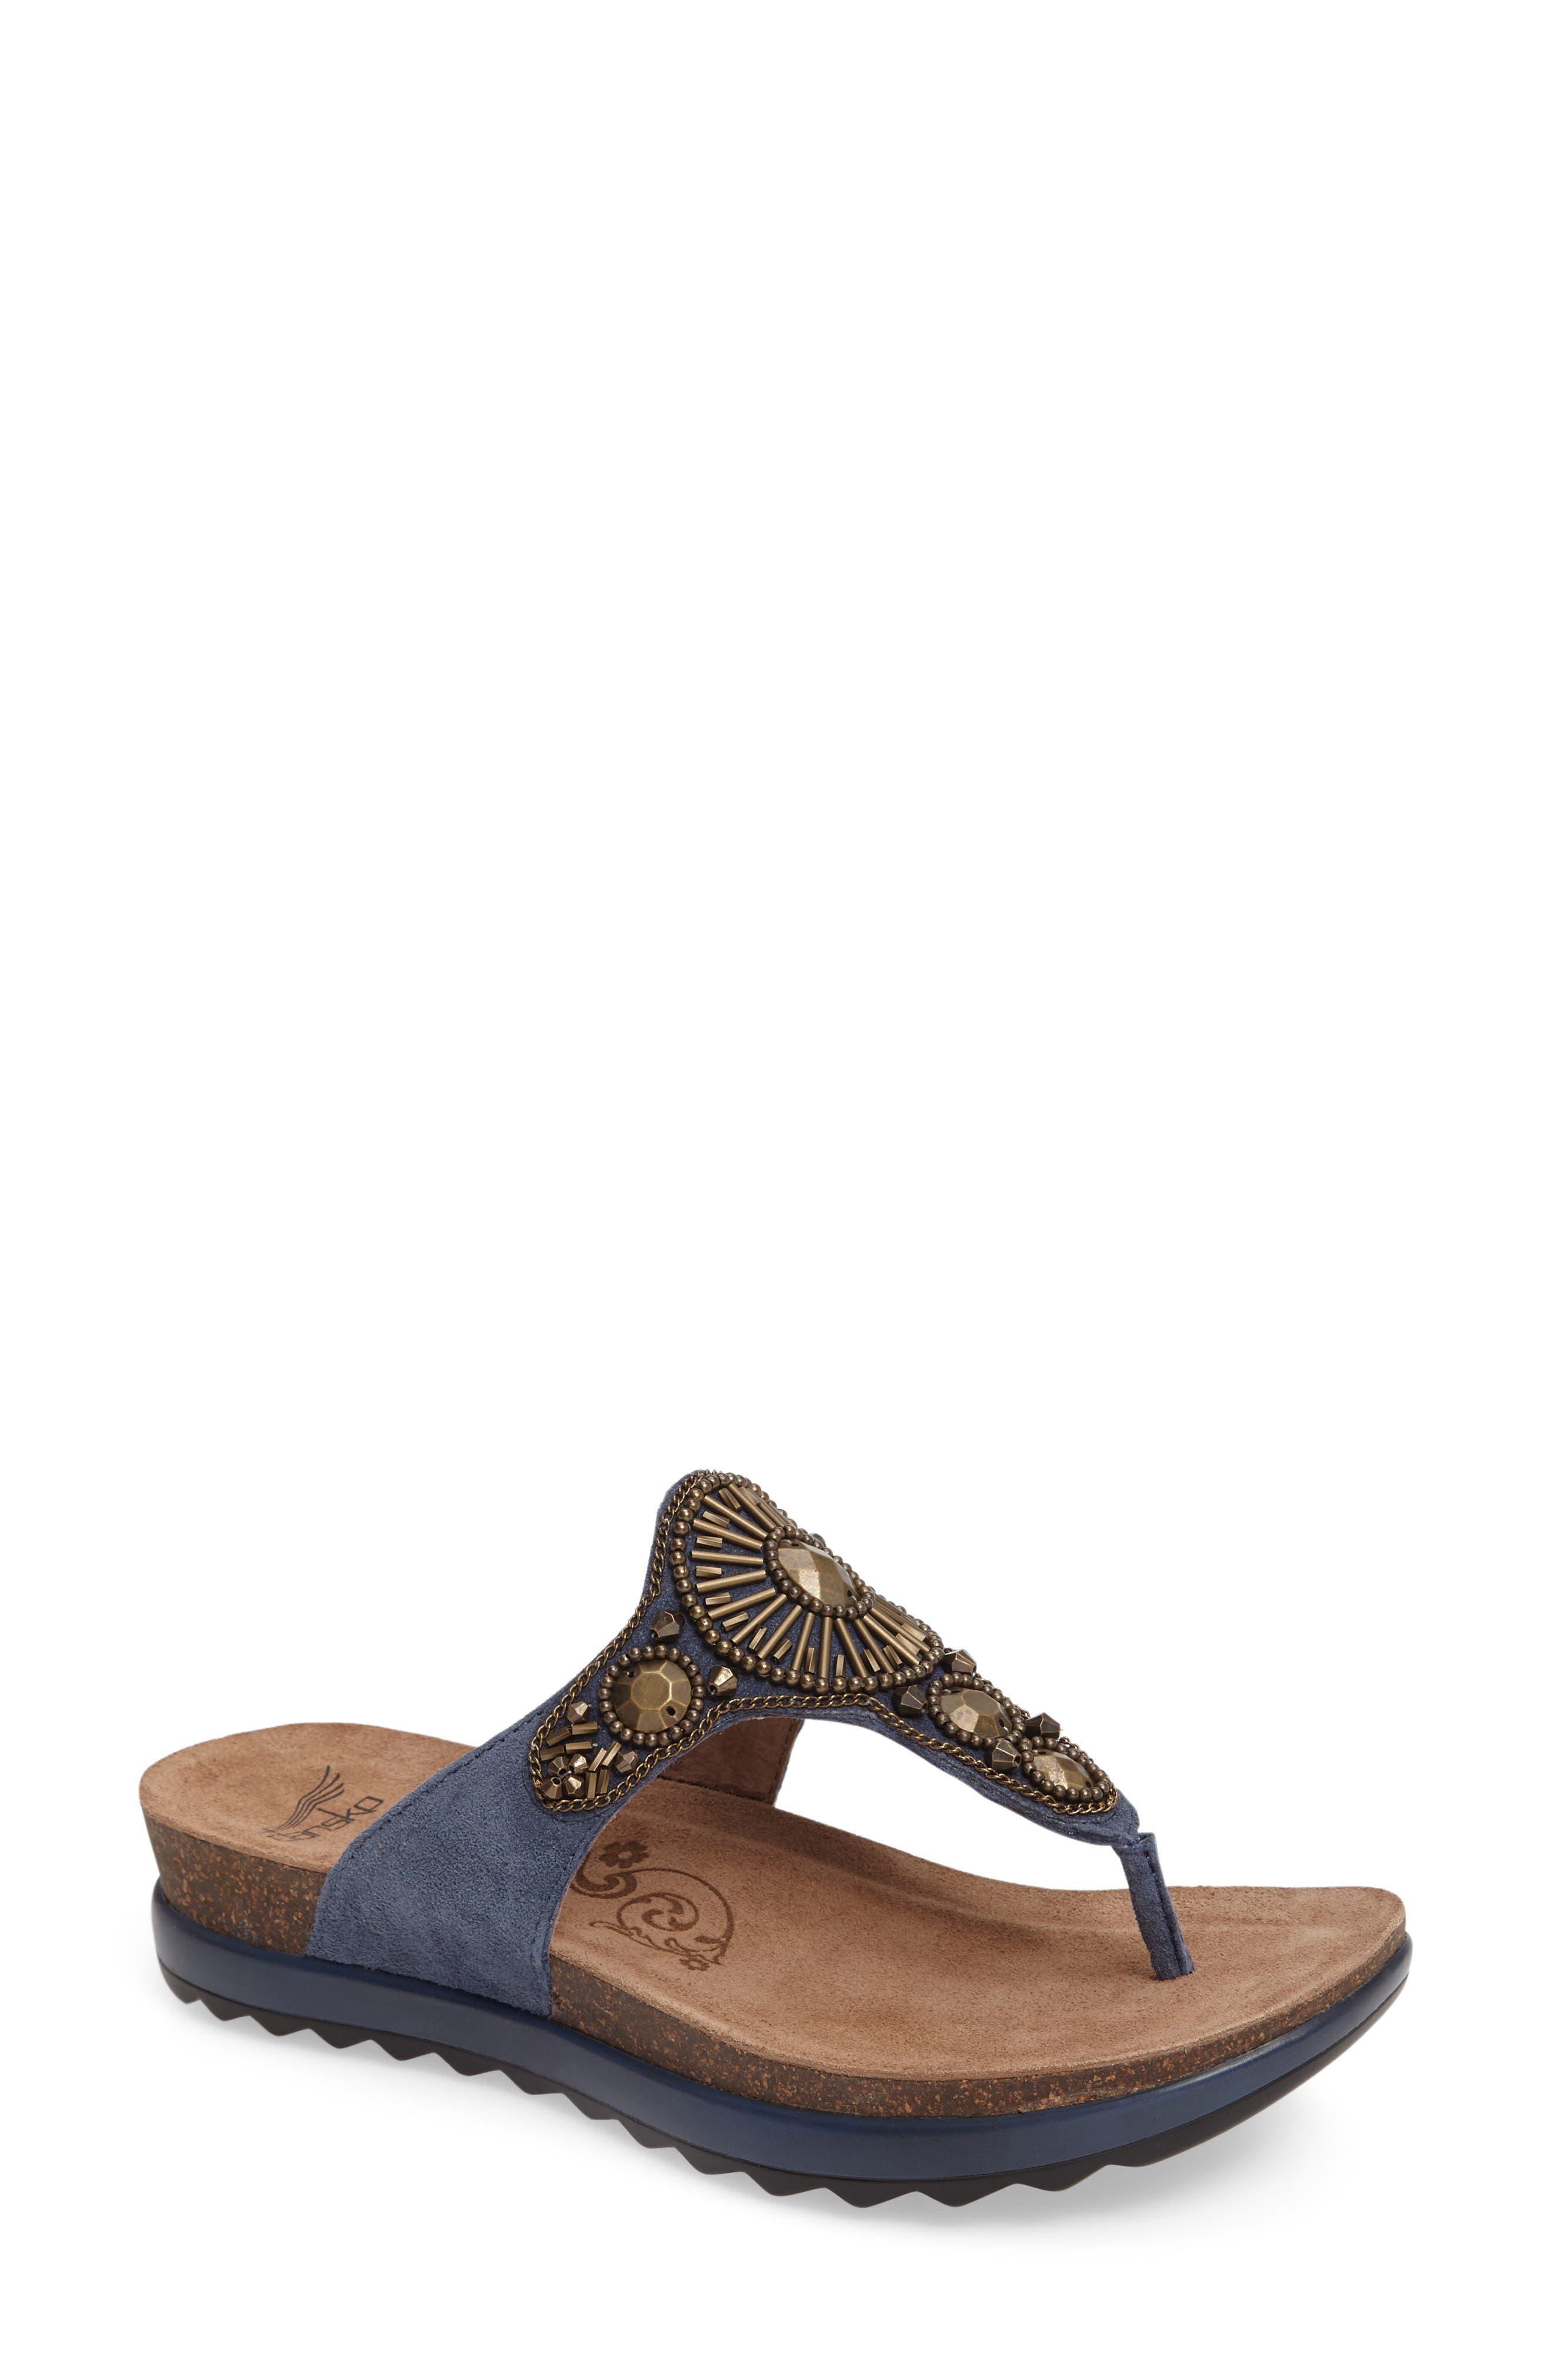 DANSKO Pamela Embellished Sandal